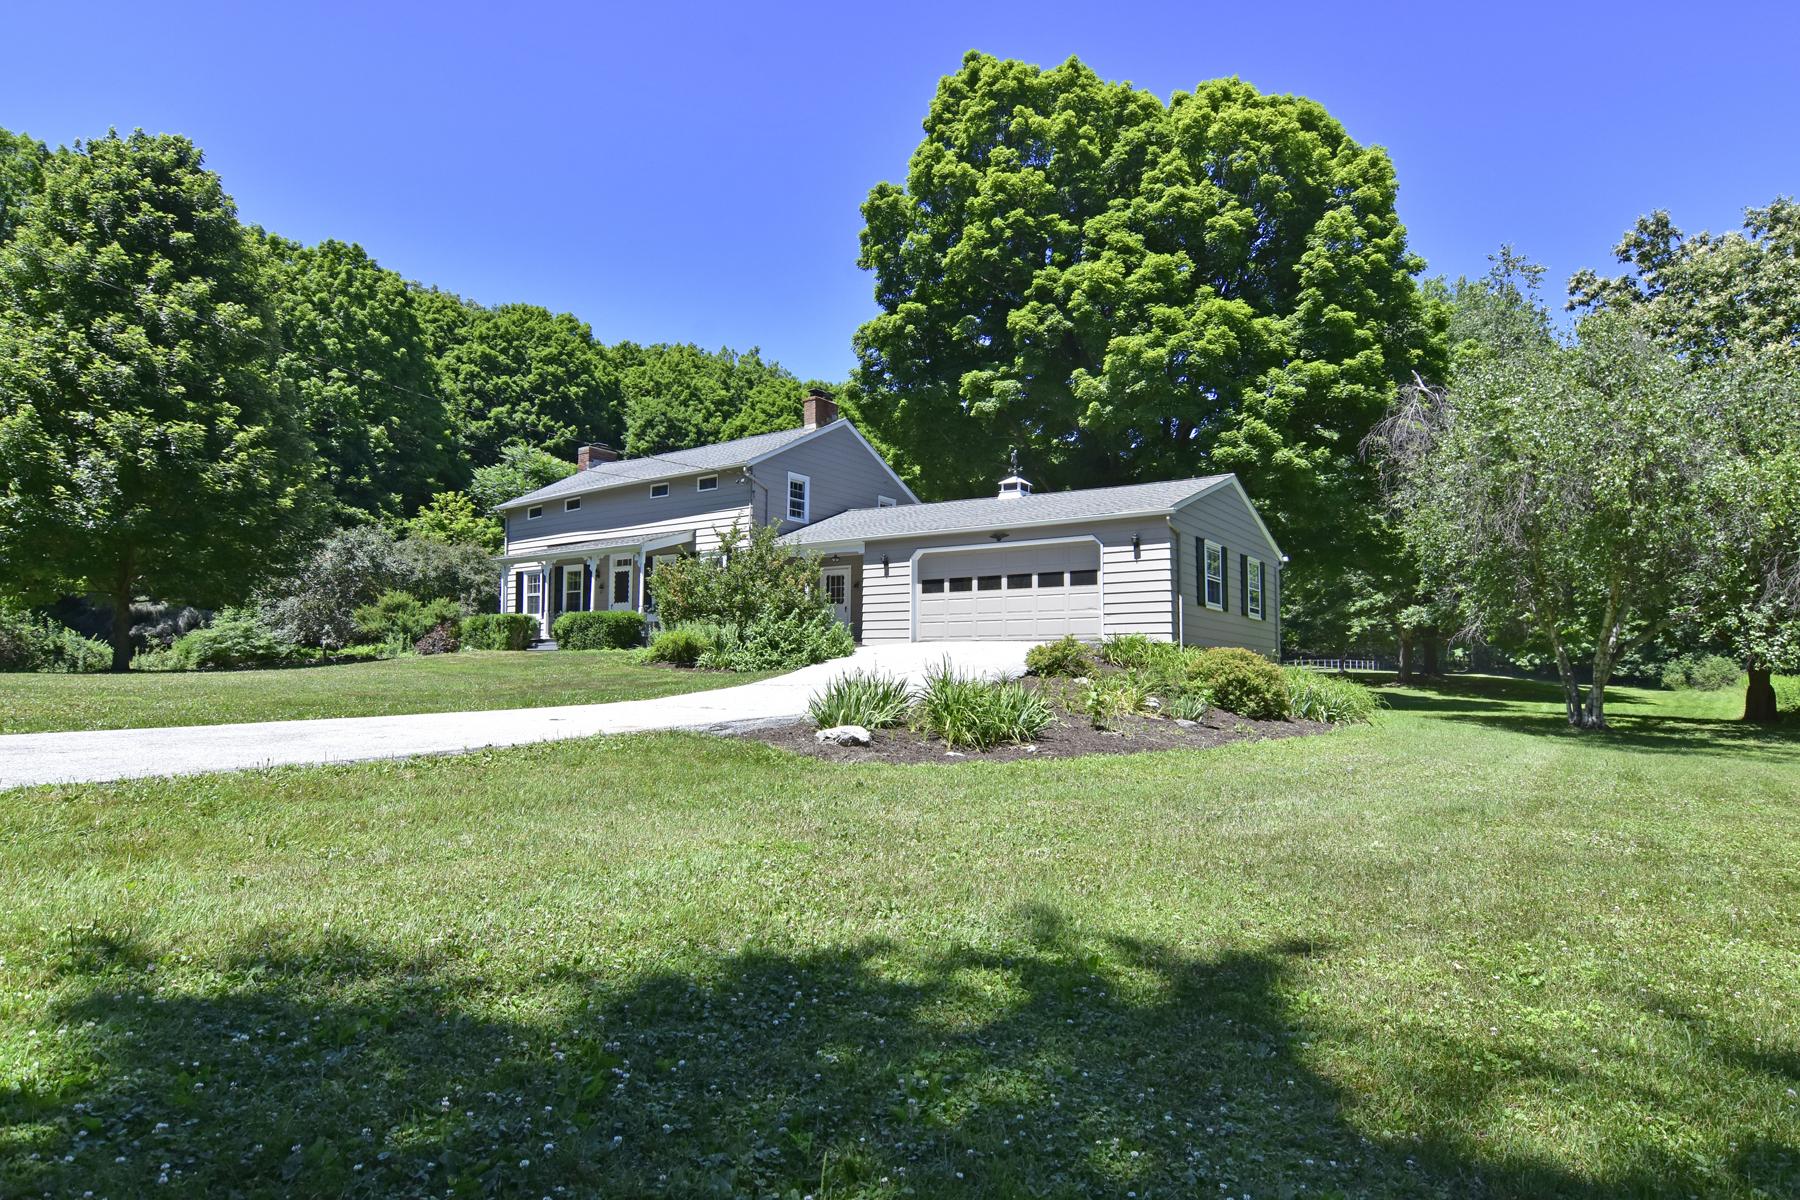 Частный односемейный дом для того Продажа на Peaceful Hudson Valley Retreat 83 Willow Lane Clinton Corners, Нью-Йорк 12514 Соединенные Штаты